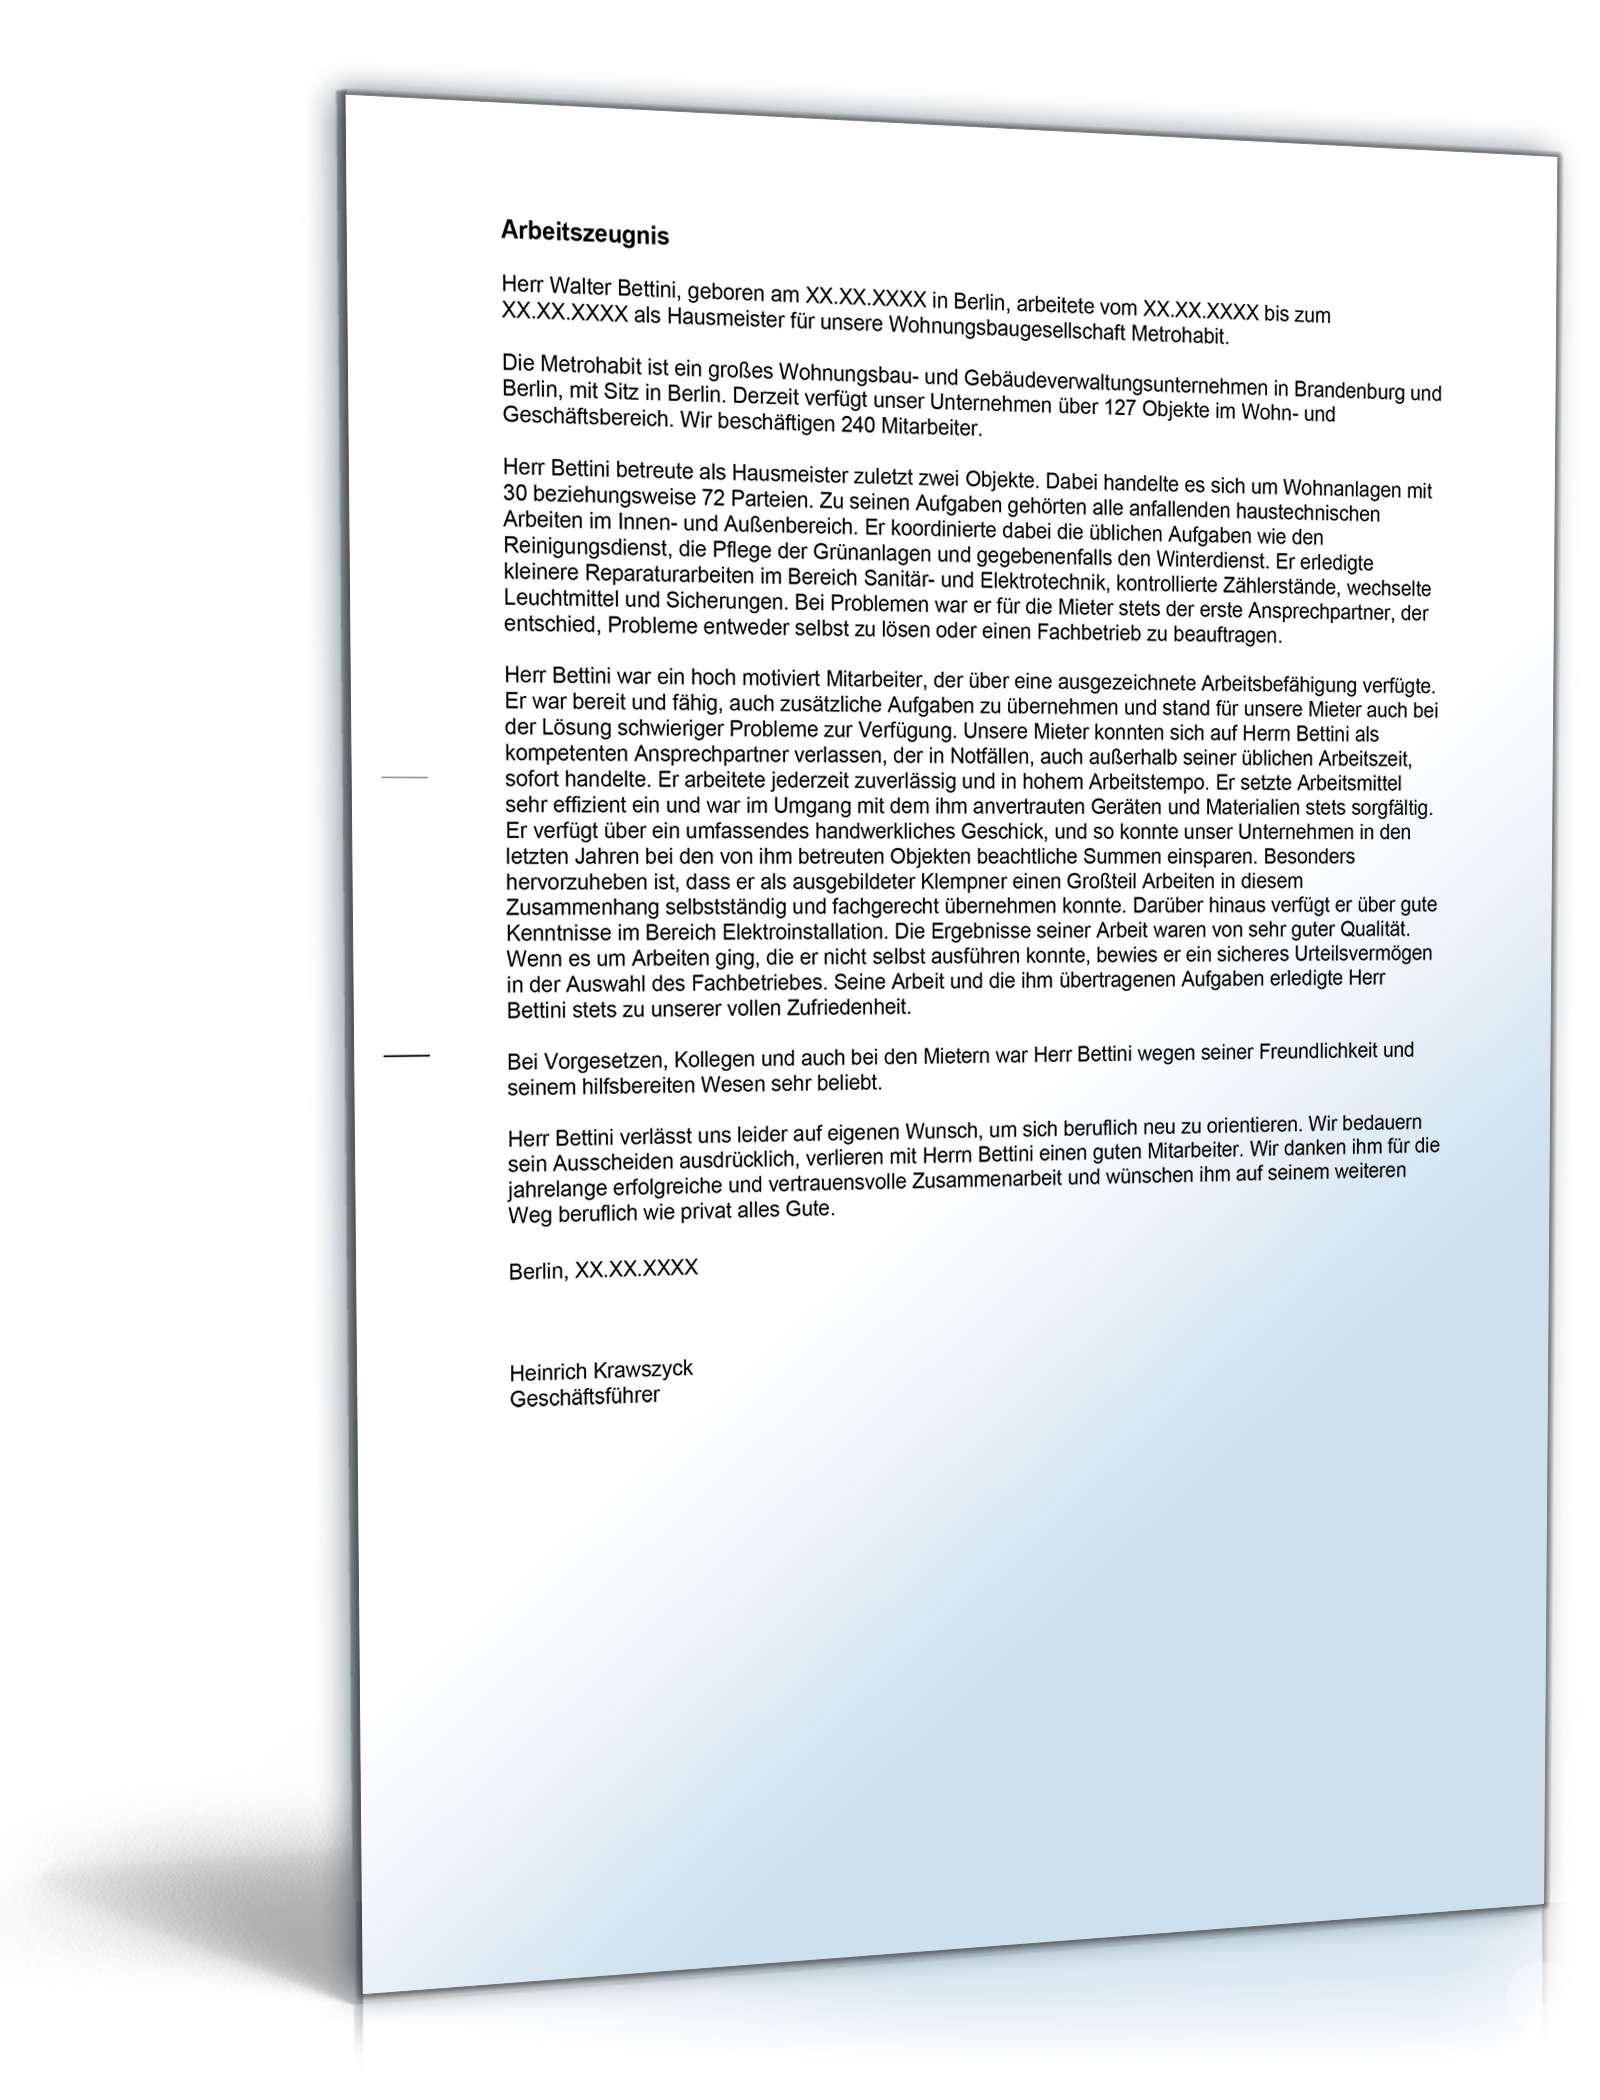 Erfreut Kassierer Job Zusammenfassung Beschreibung Zeitgenössisch ...